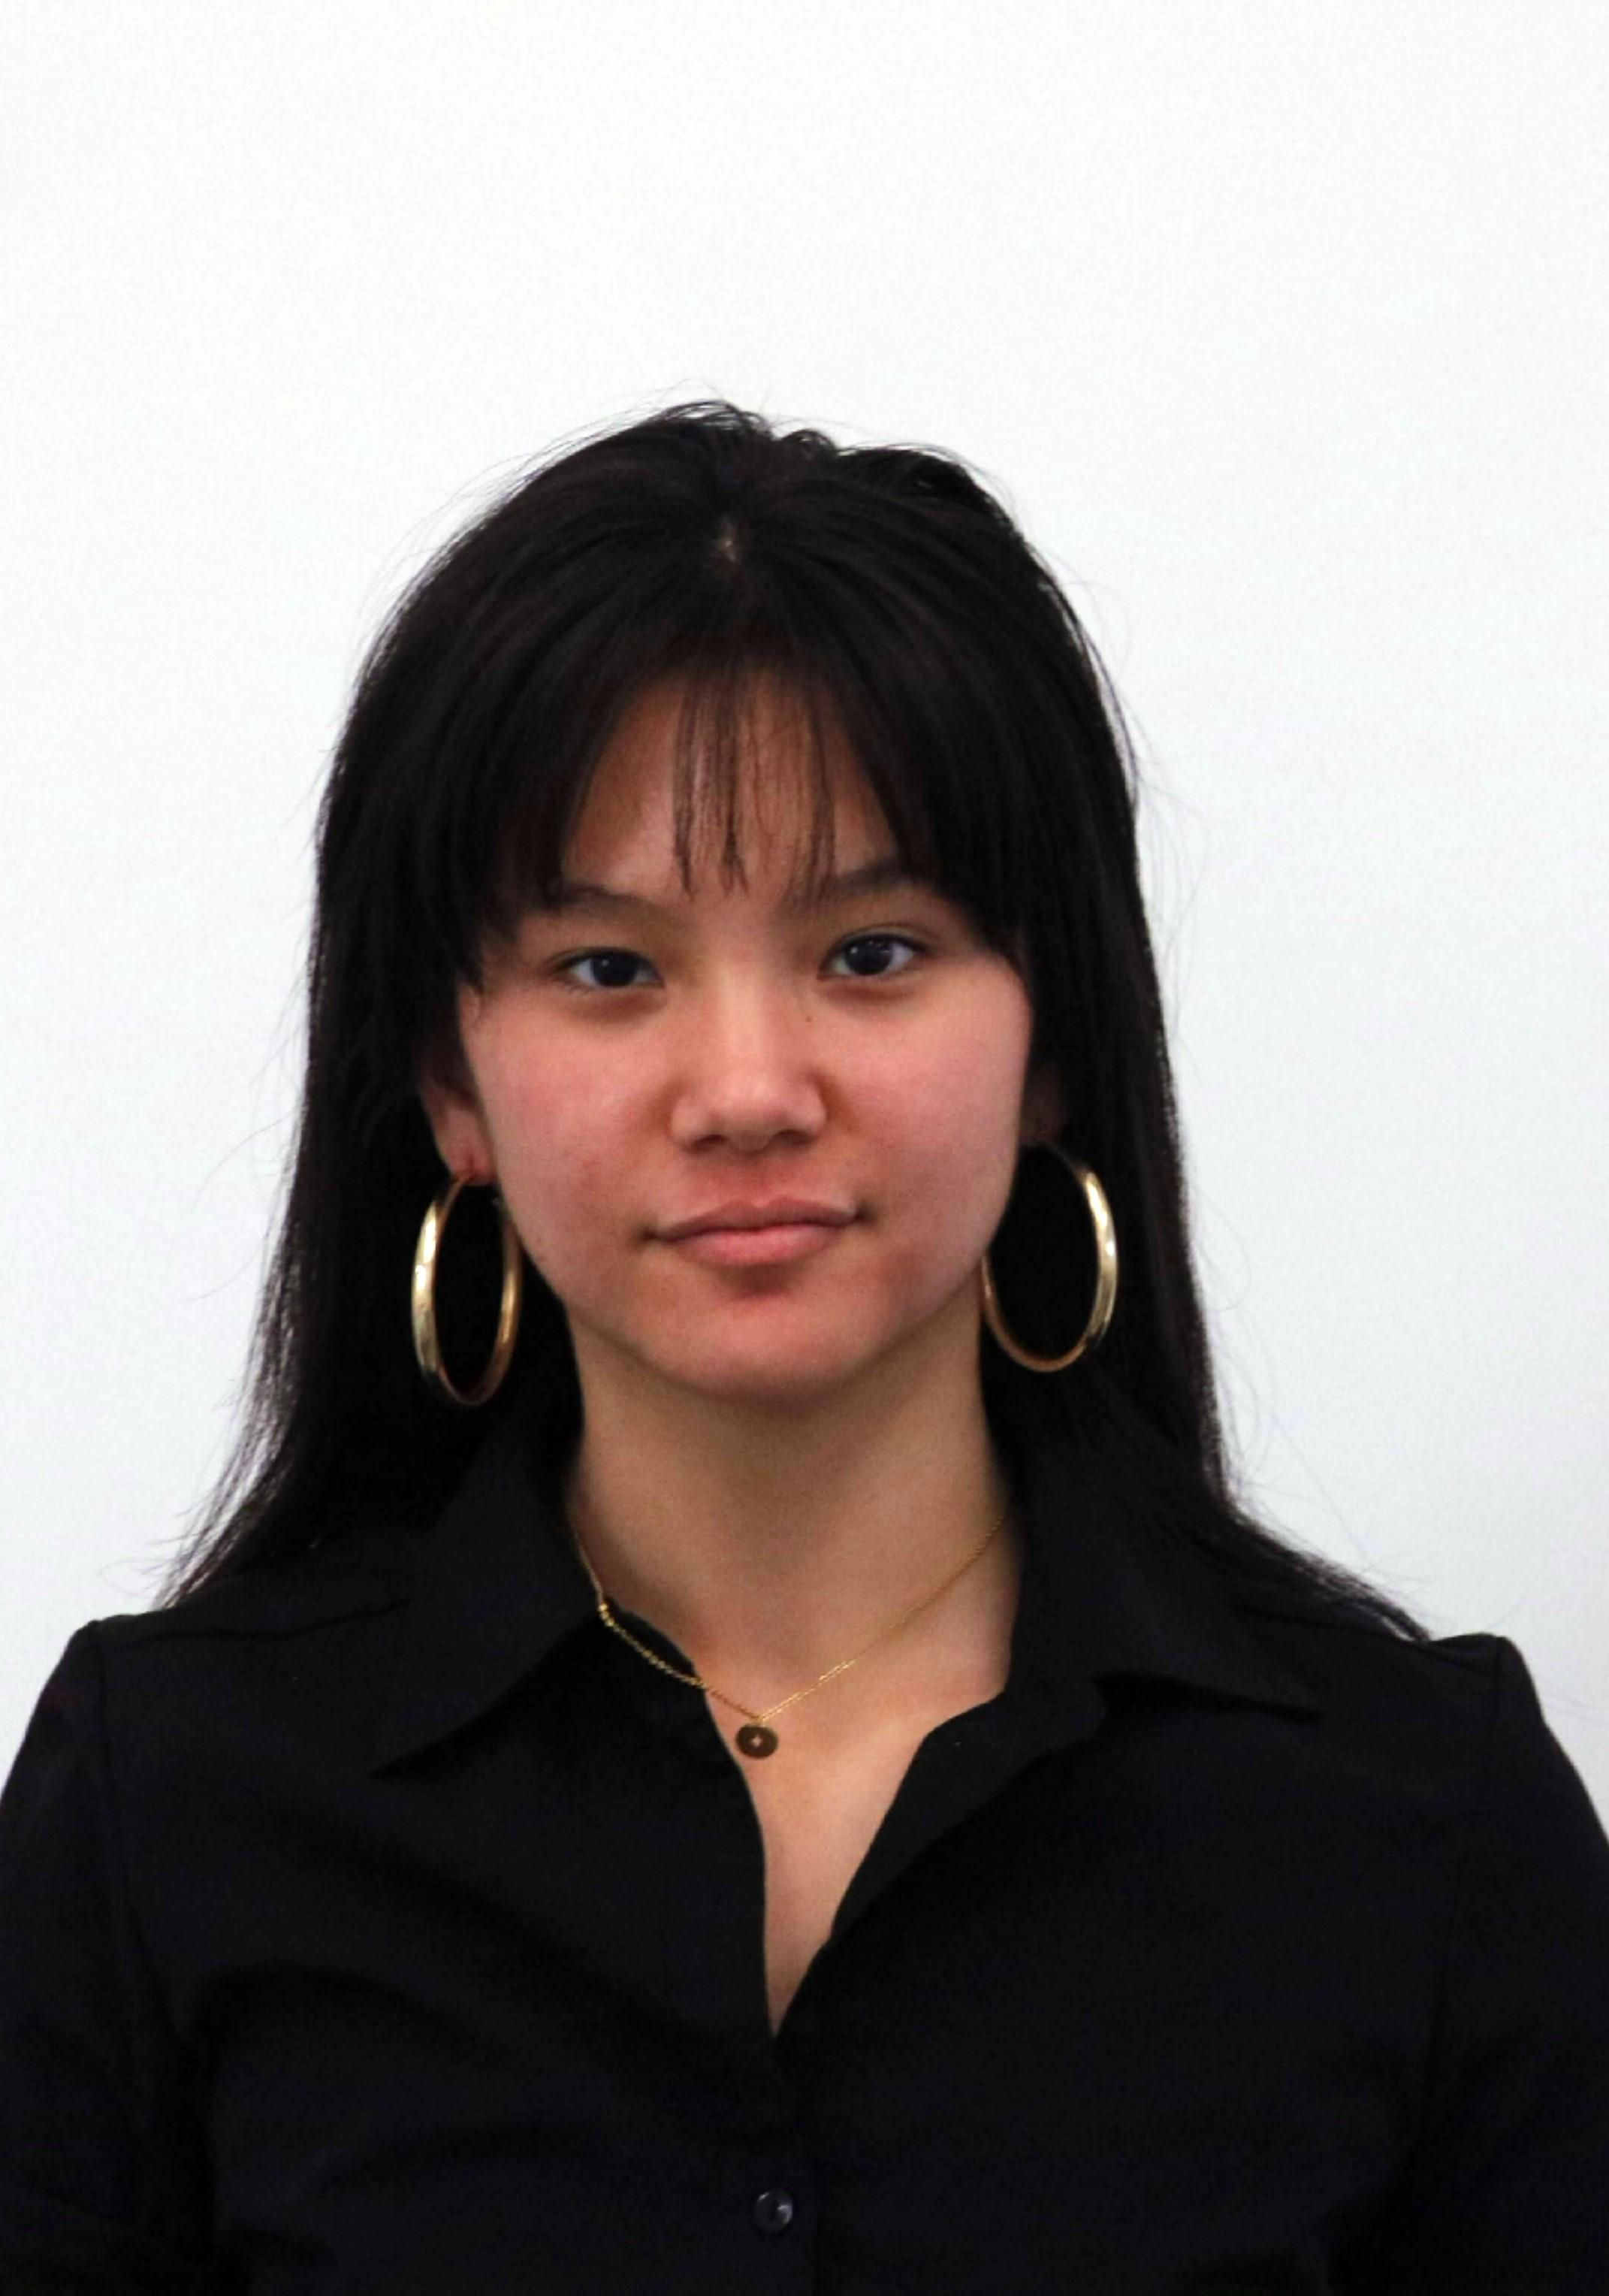 Mia Liang